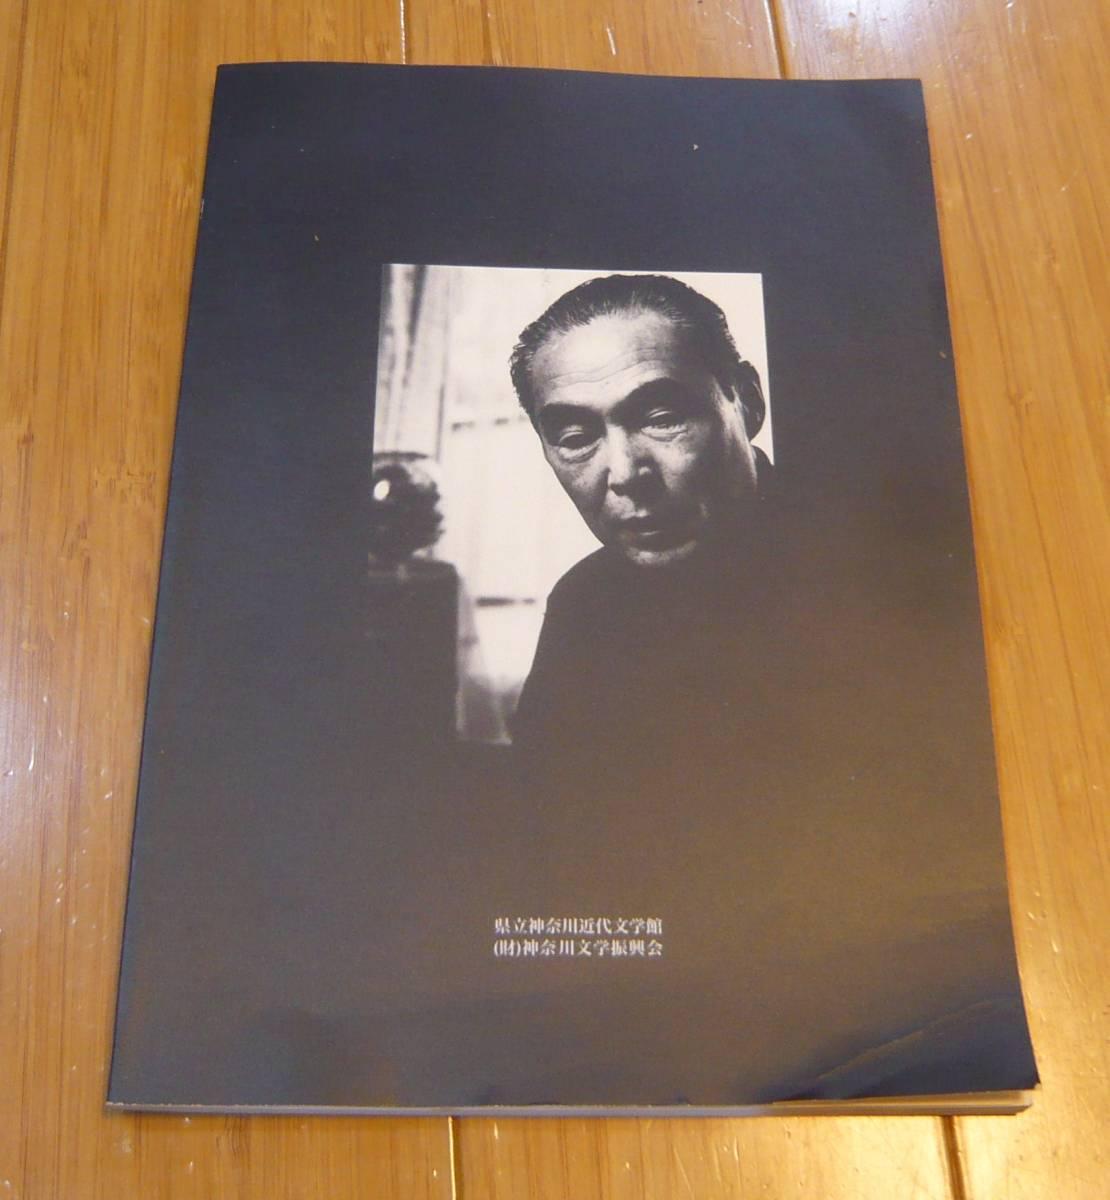 図録 無限大の宇宙ー埴谷雄高『死霊』展 神奈川近代文学館2007_画像3